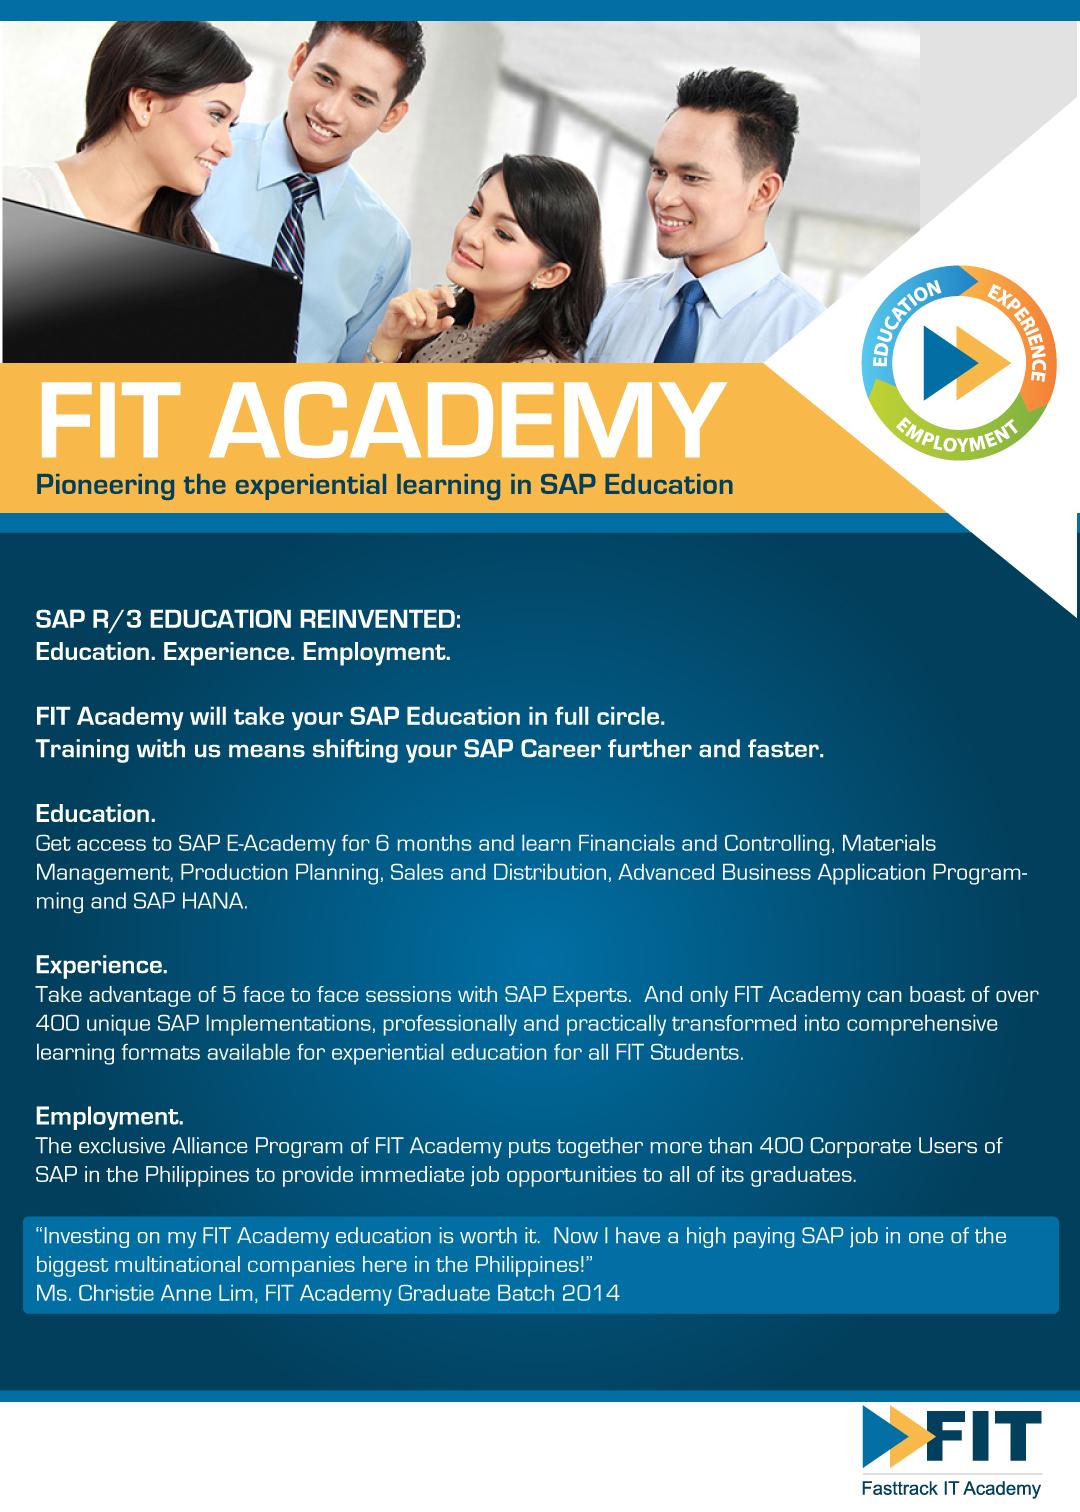 SAP E Academy